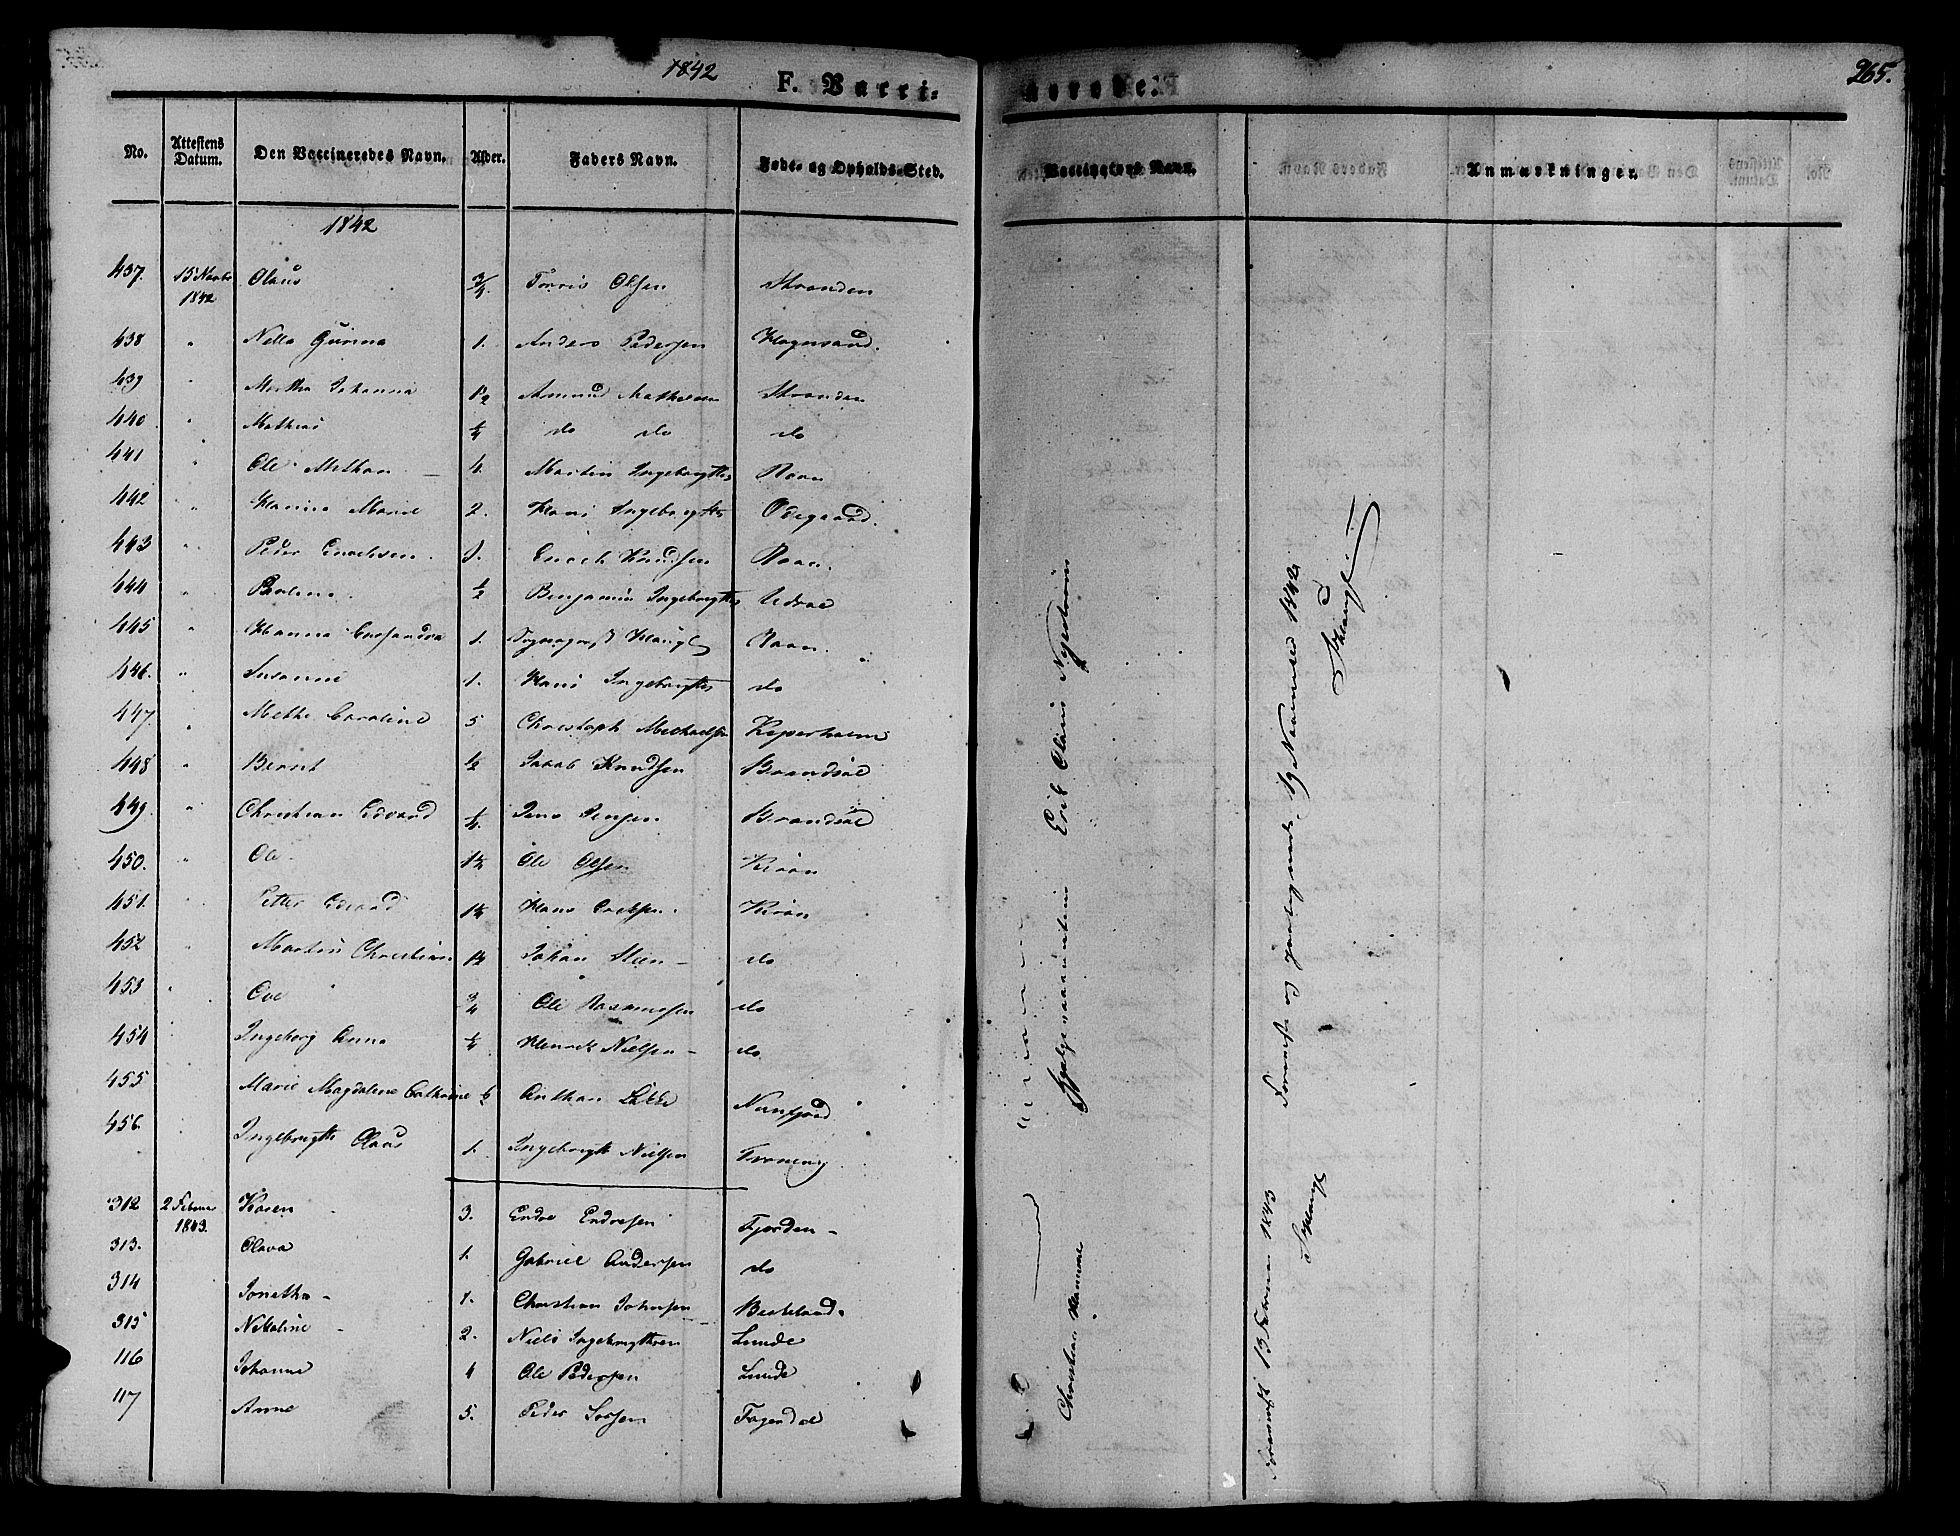 SAT, Ministerialprotokoller, klokkerbøker og fødselsregistre - Sør-Trøndelag, 657/L0703: Ministerialbok nr. 657A04, 1831-1846, s. 265